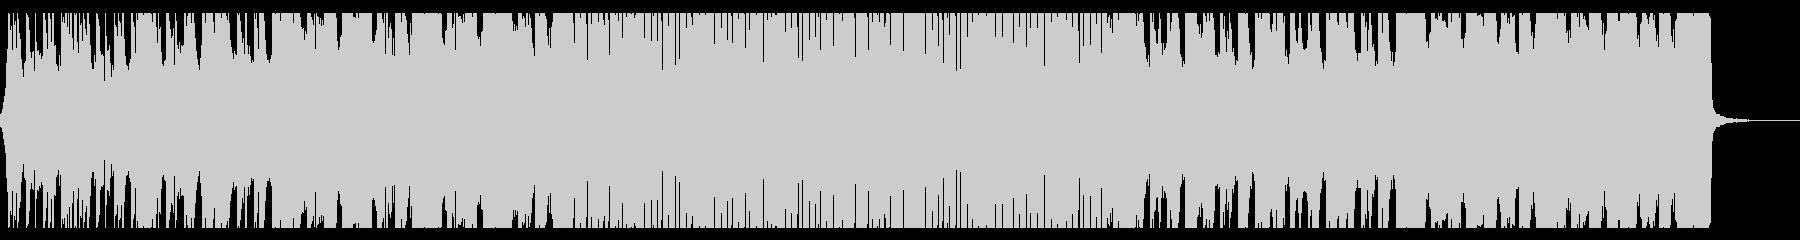 インディーズ ロック アクティブ ...の未再生の波形